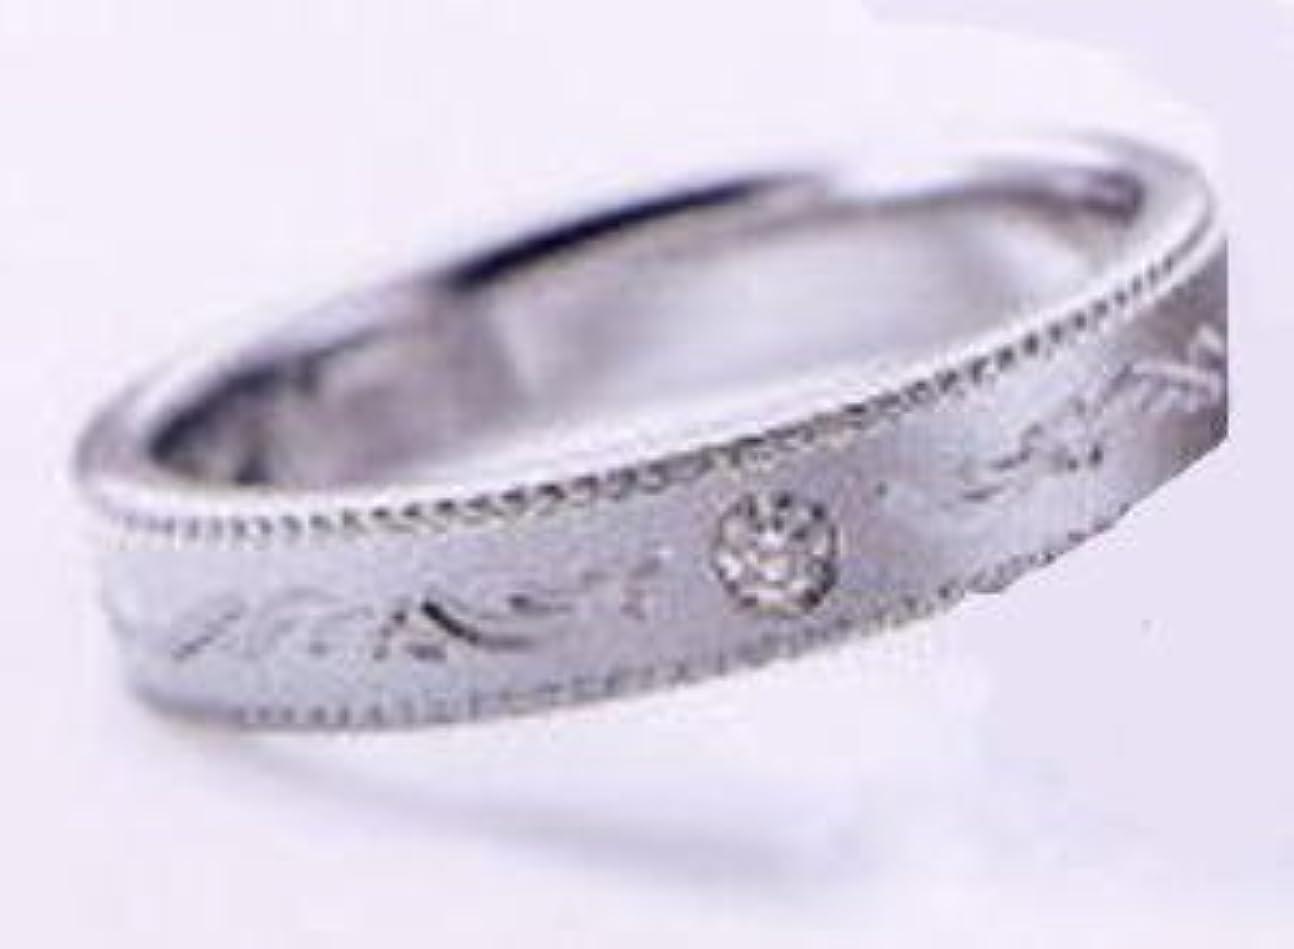 赤外線深遠麻酔薬RomanticBlue ロマンティックブルー 4RK019 (27) ダイヤ付 Pt900プラチナ マリッジリング 結婚指輪 ペアリング (11)